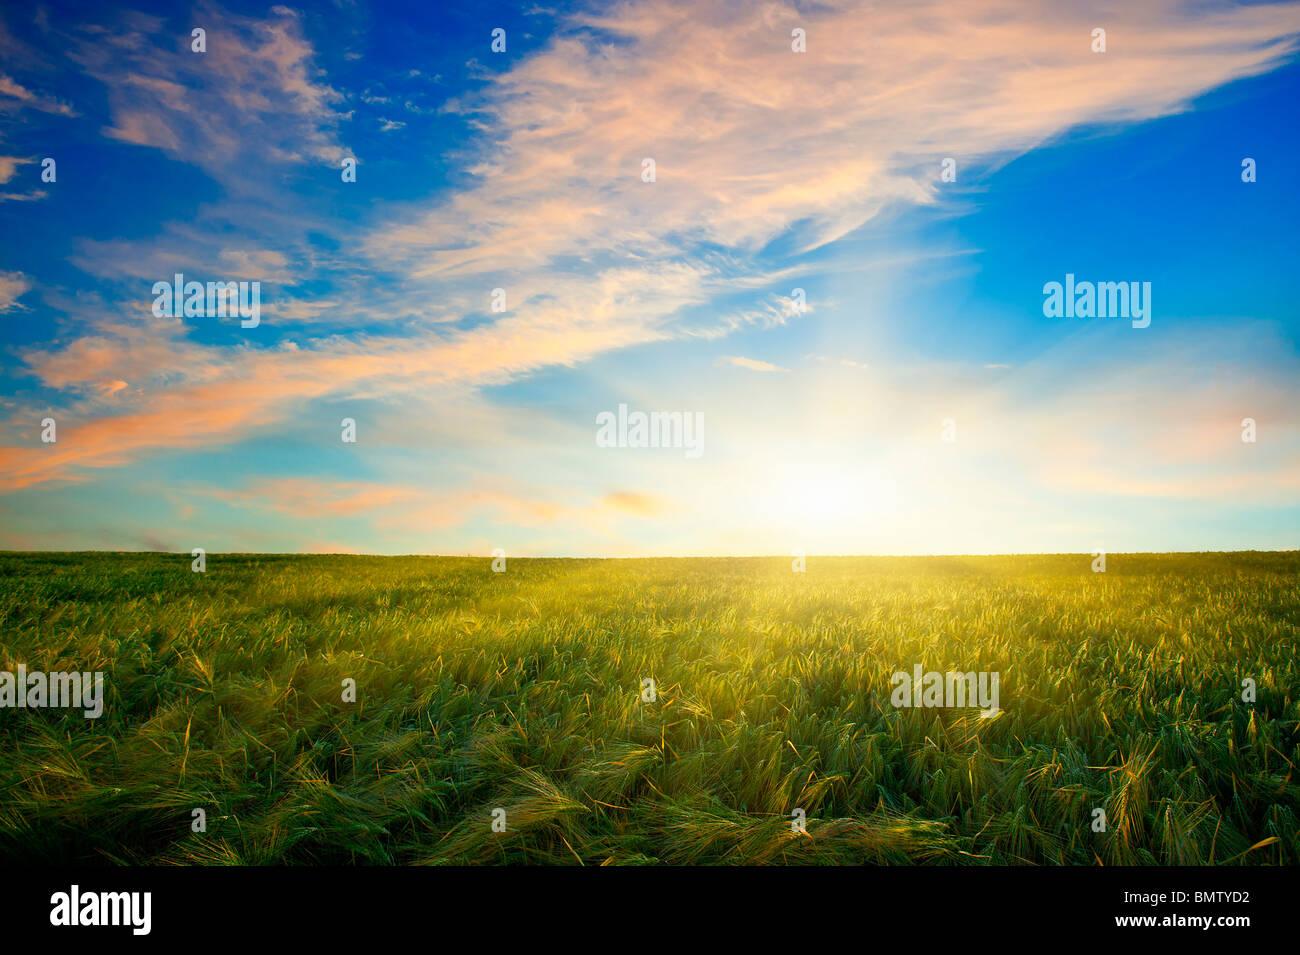 Pôr do sol sobre o campo de trigo Imagens de Stock